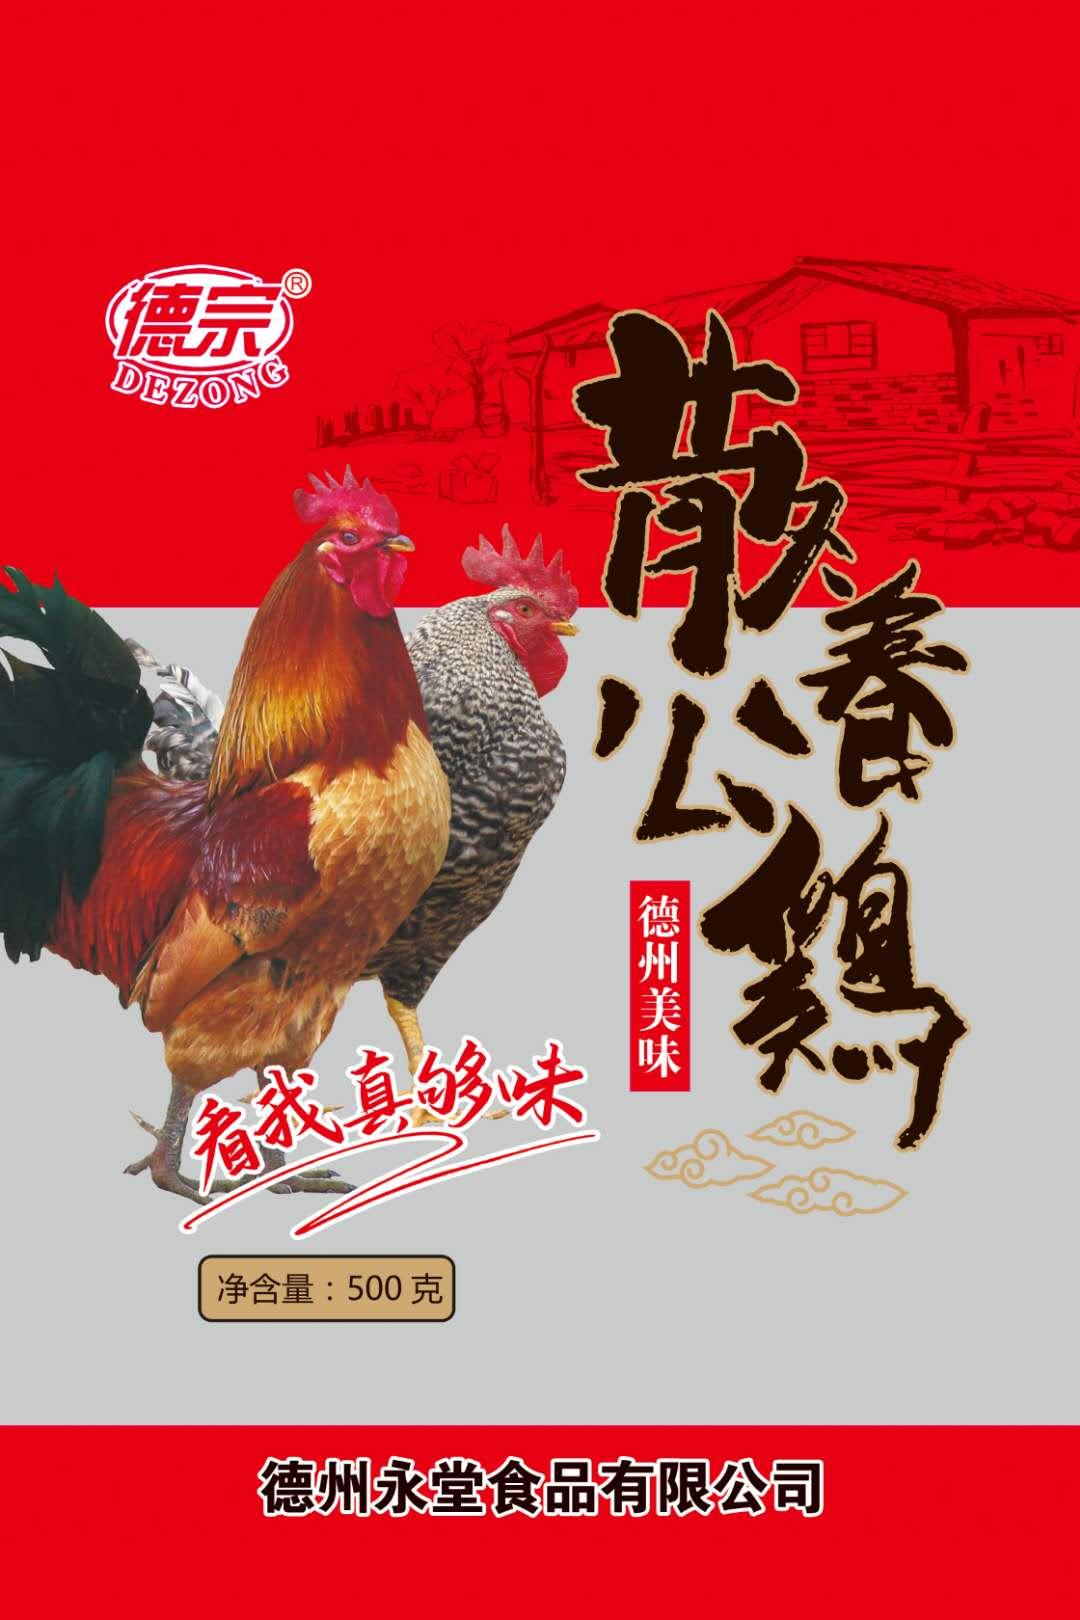 江苏散养公鸡